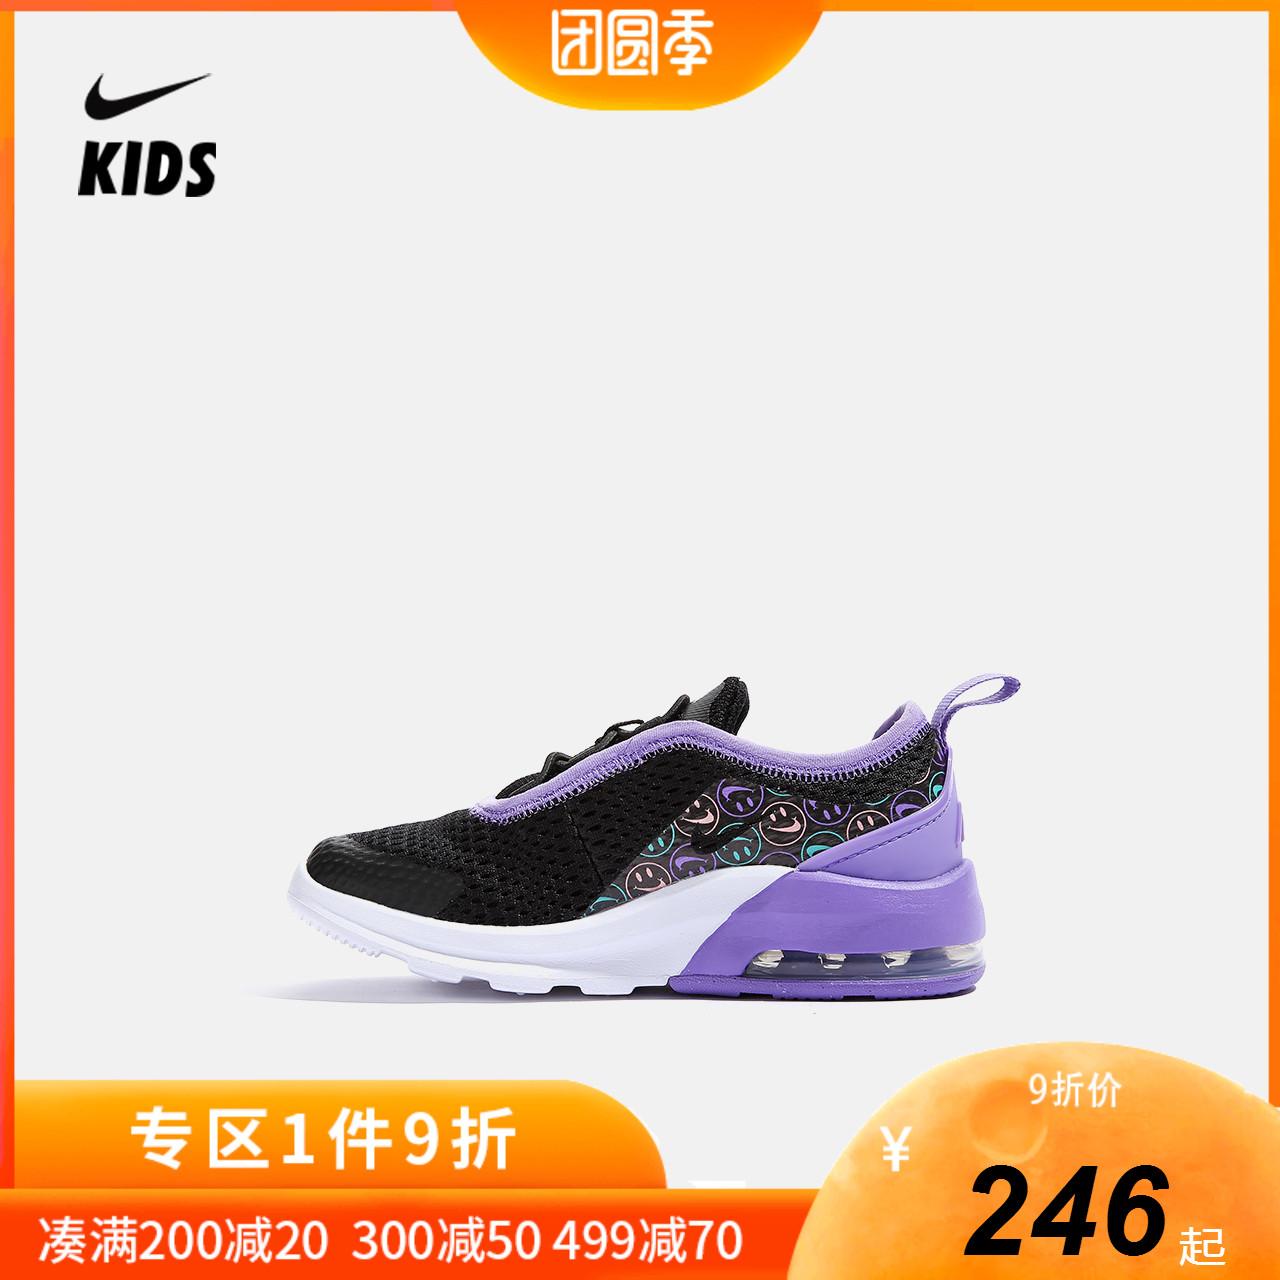 耐克童鞋氣墊鞋2019秋季新款男女童運動鞋網面跑步鞋中小童休閑鞋